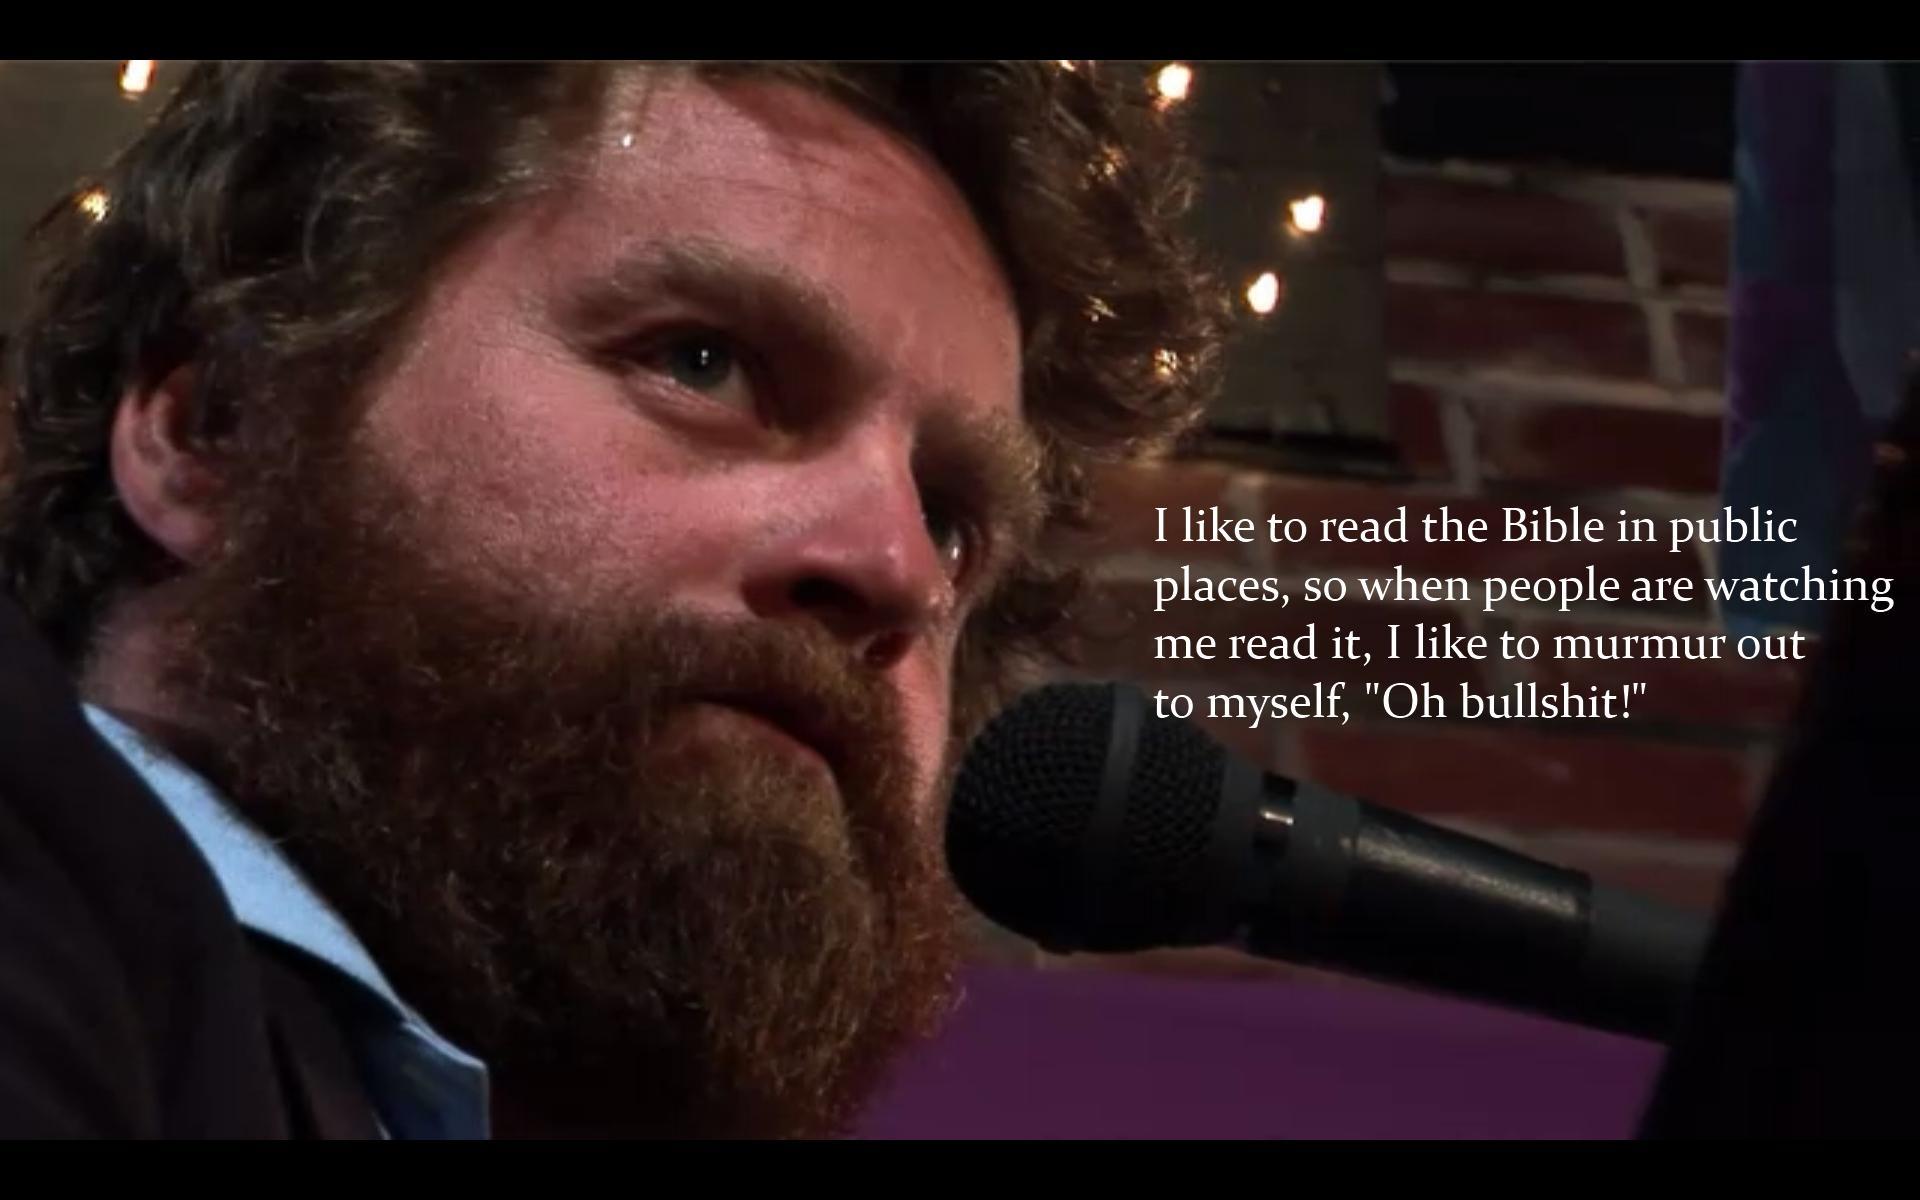 Zach Galifianakis's quote #3